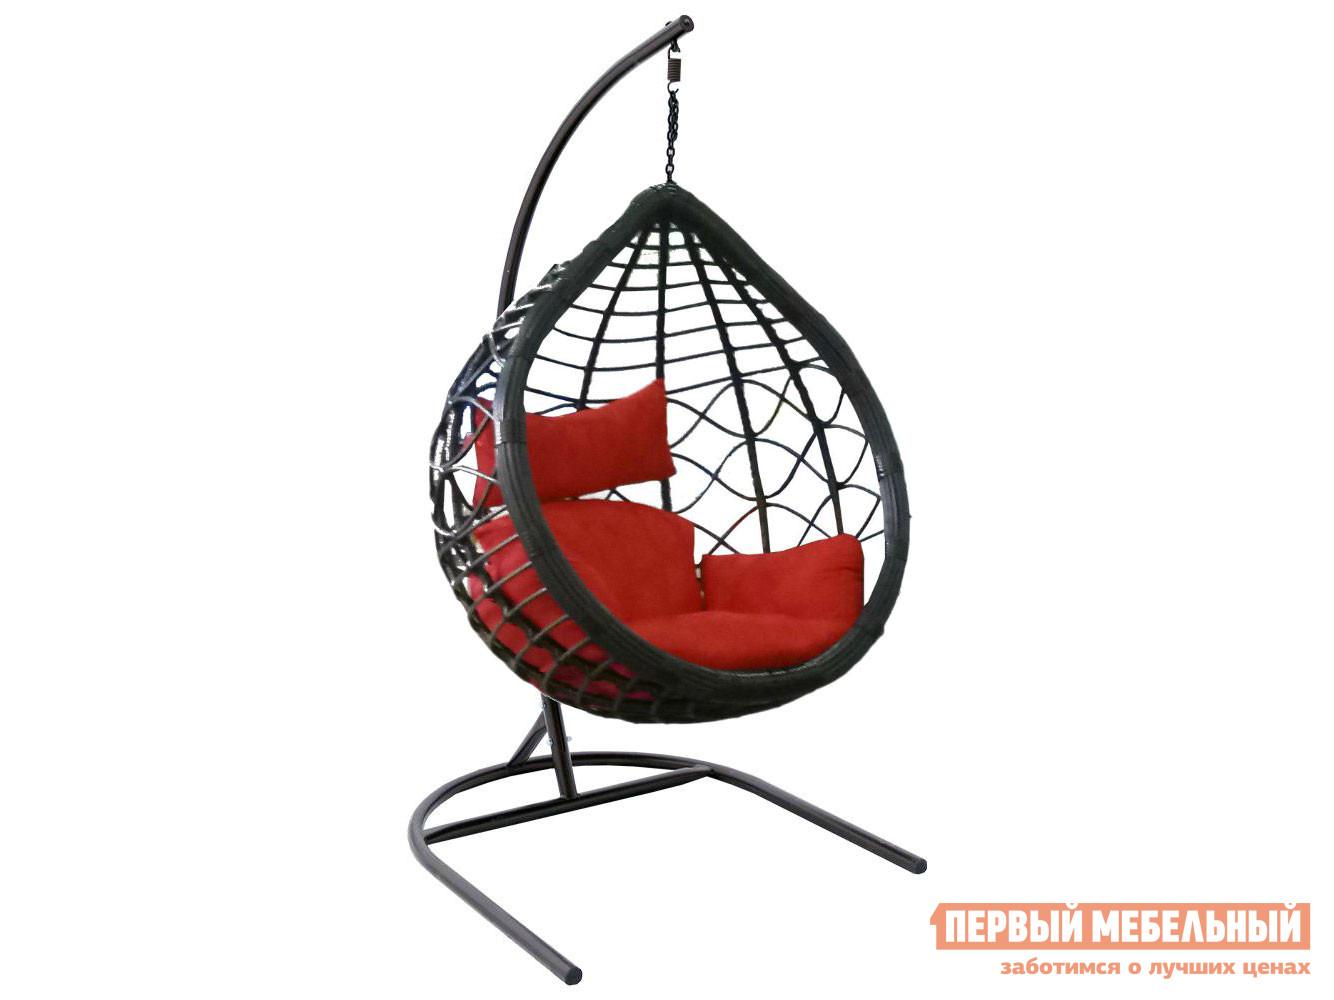 Подвесное кресло Бел Мебельторг D3414 Подвесное кресло